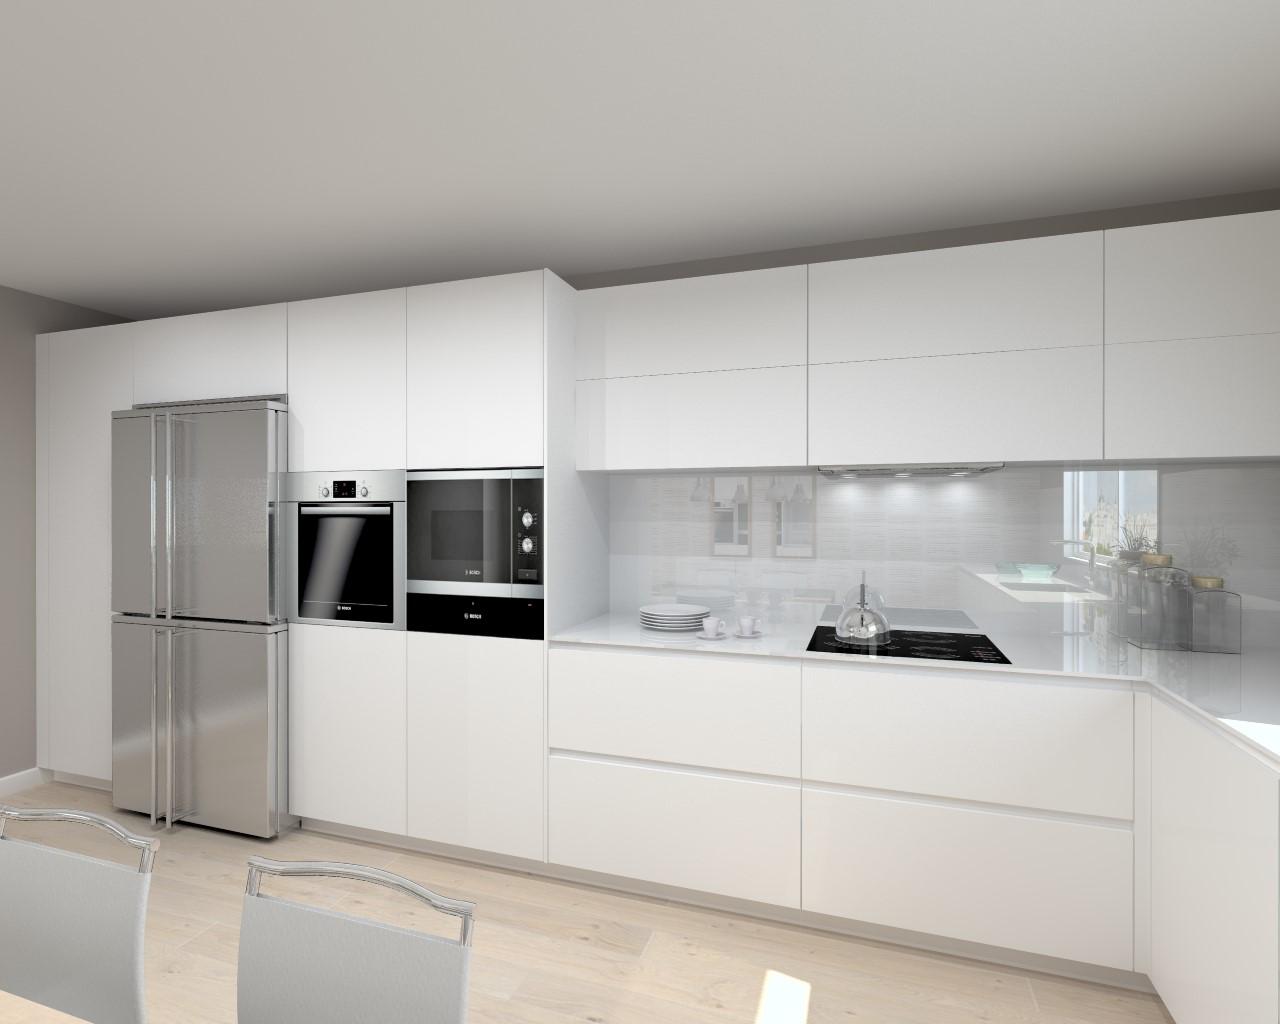 Cocina santos modelo line laca blanco seda encimera - Encimera silestone blanco ...